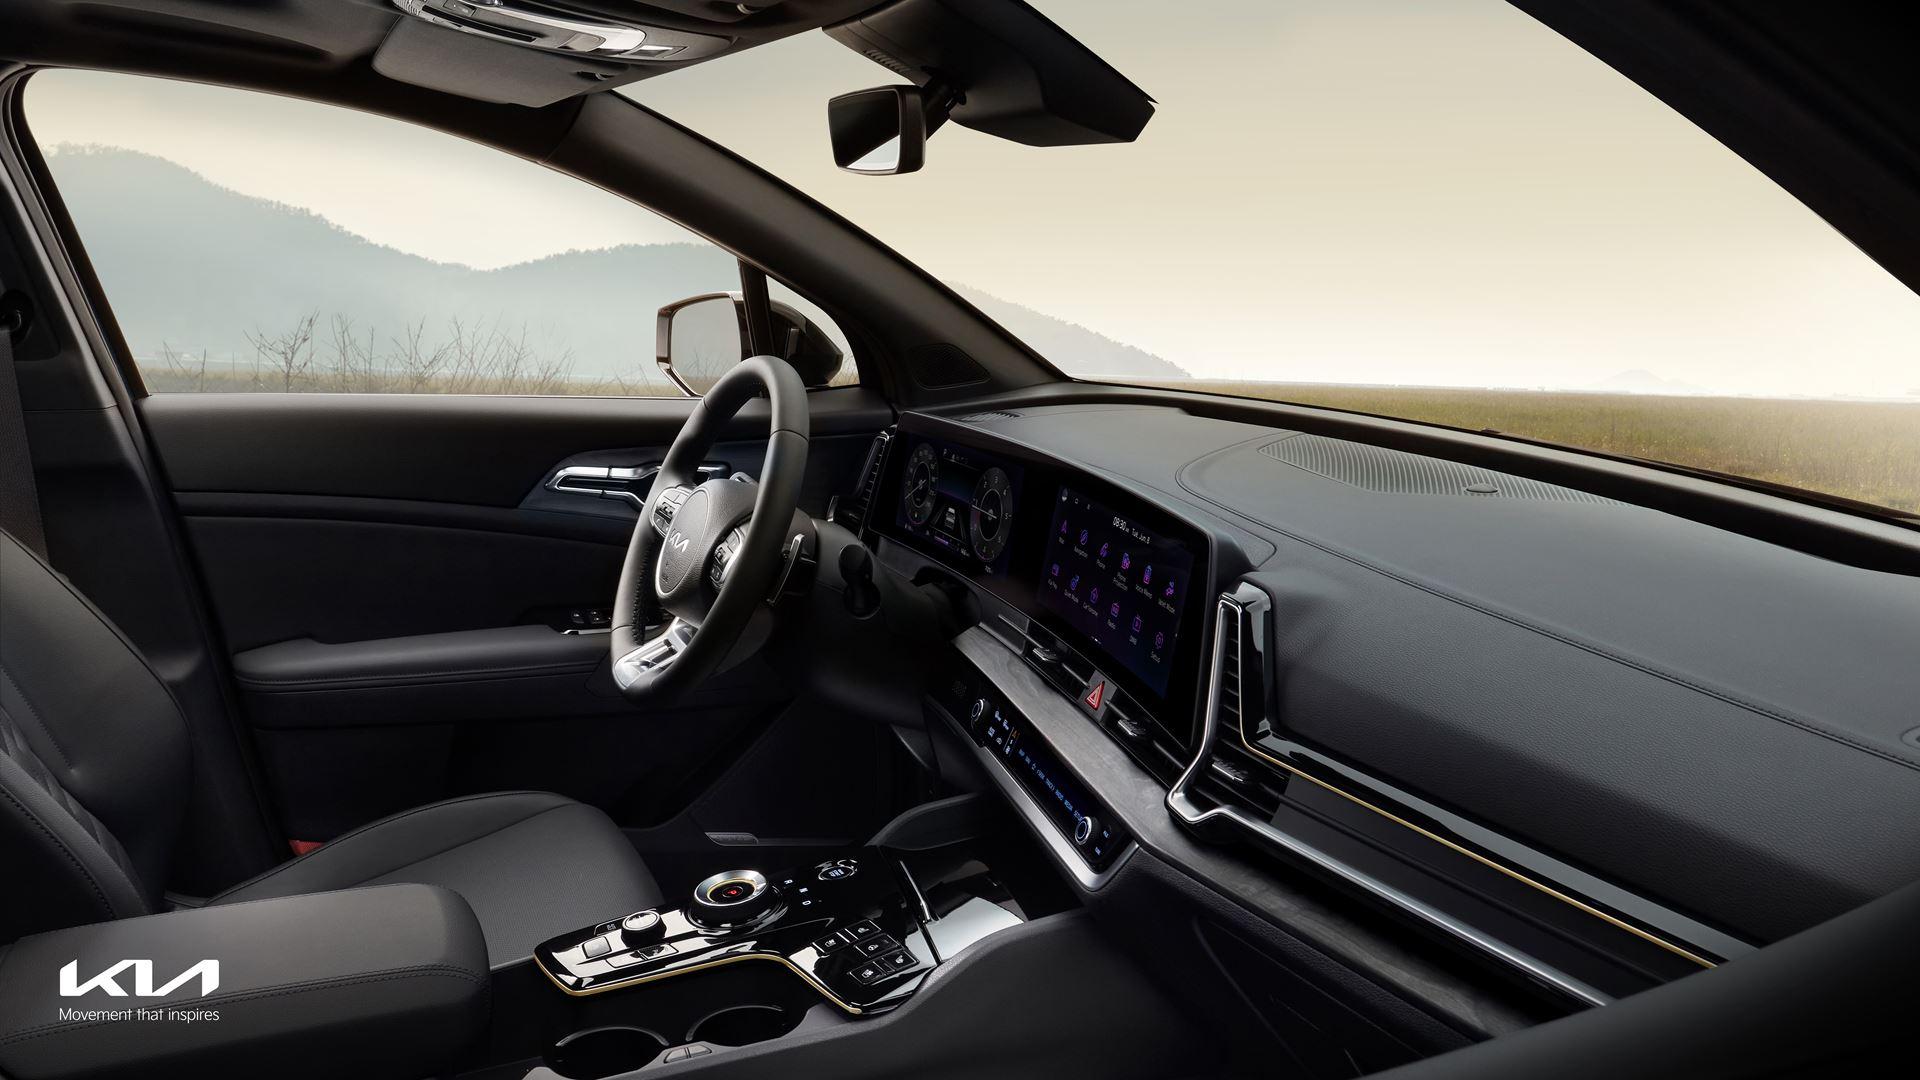 Kia presents all-new Sportage, the ultimate urban SUV - Image 1